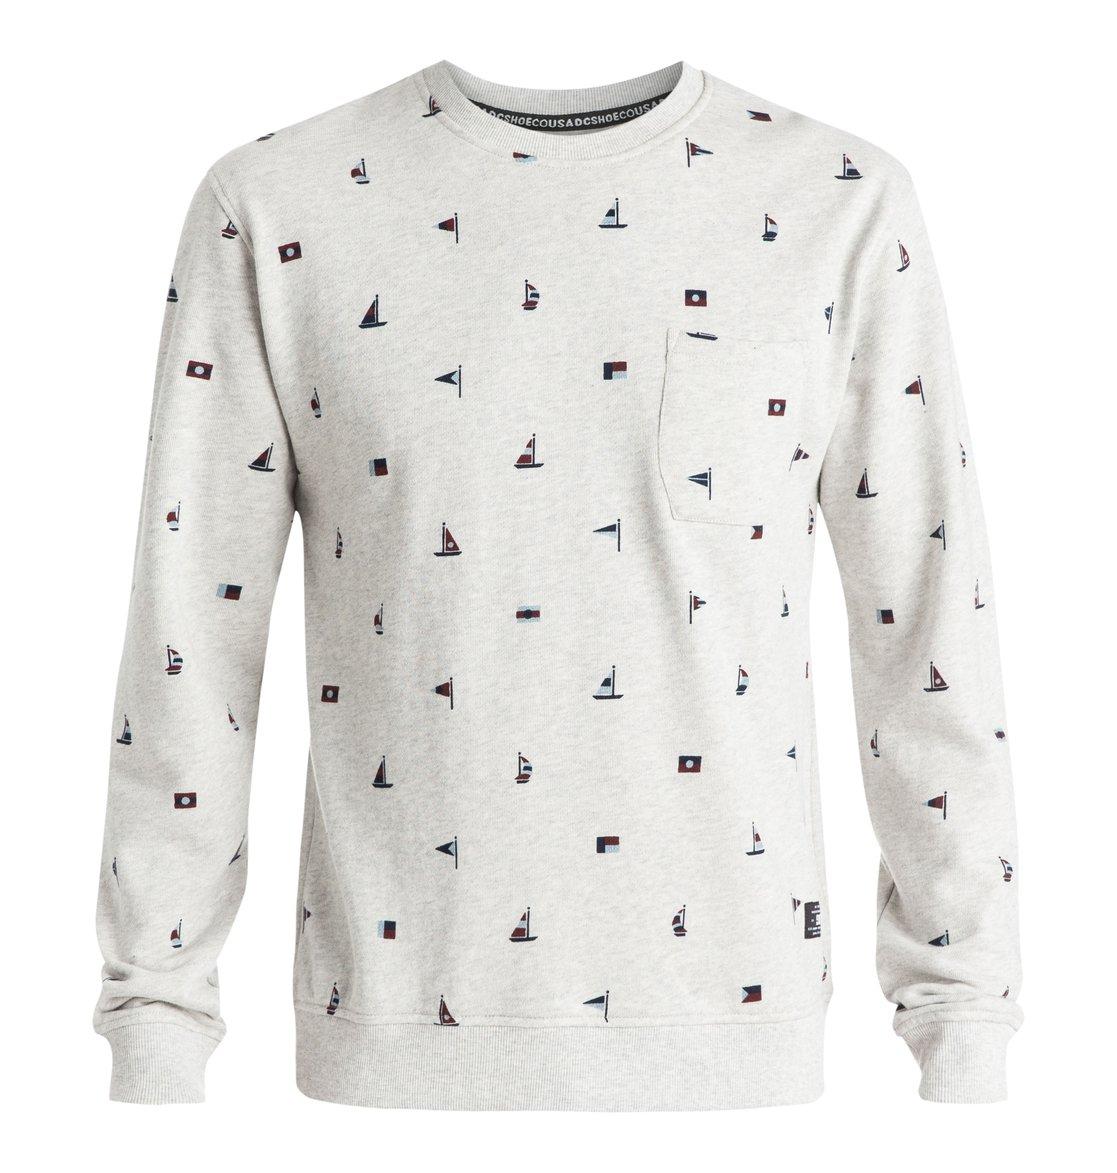 Ferndale Sweatshirt